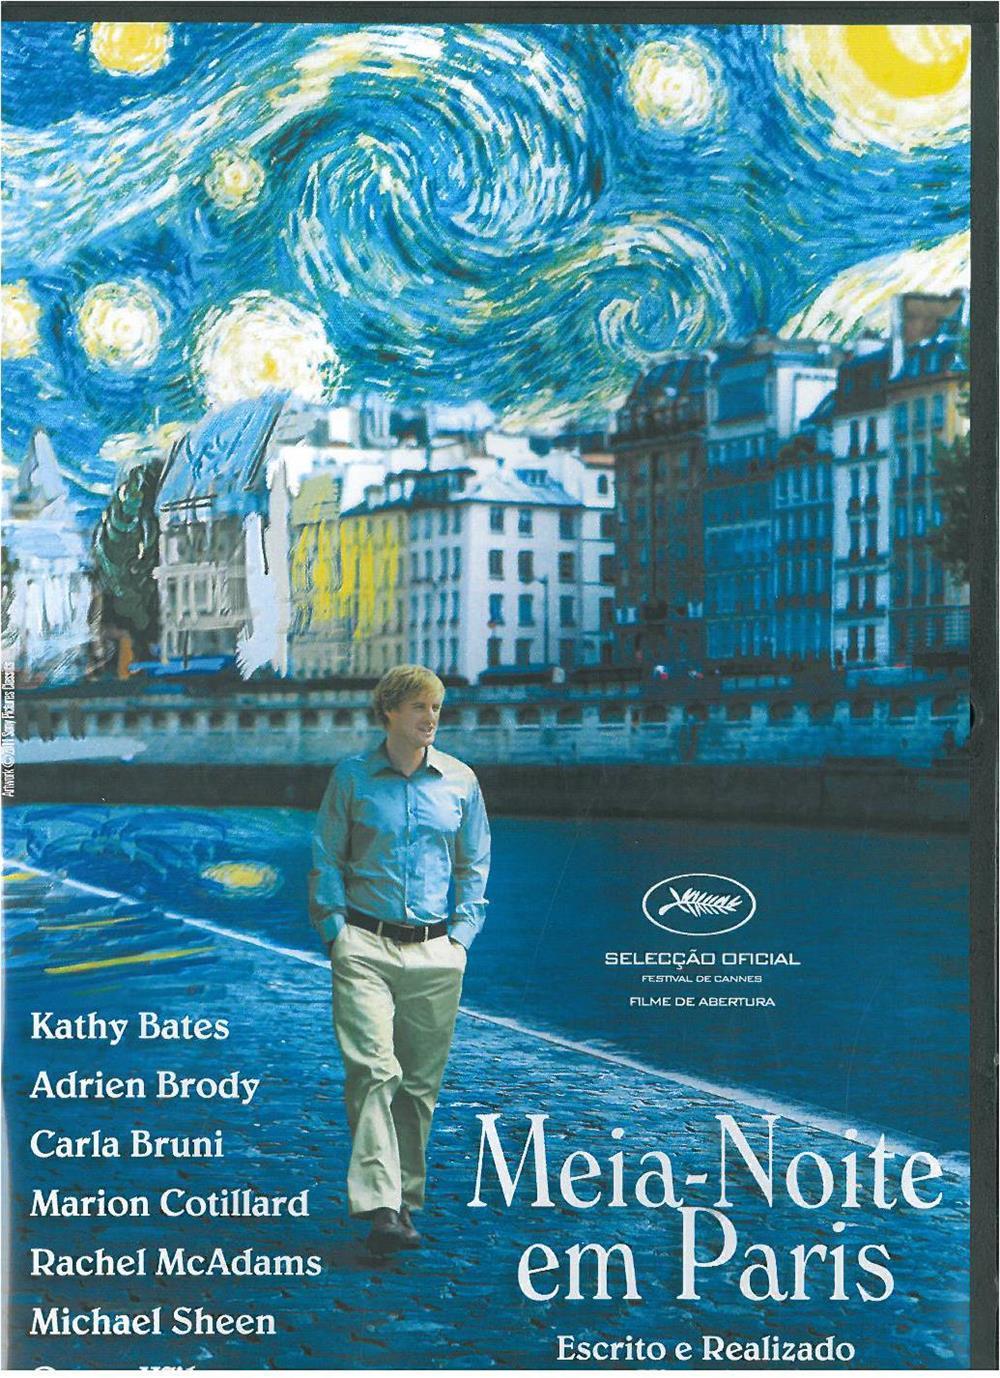 Meia-noite em Paris_DVD.jpg